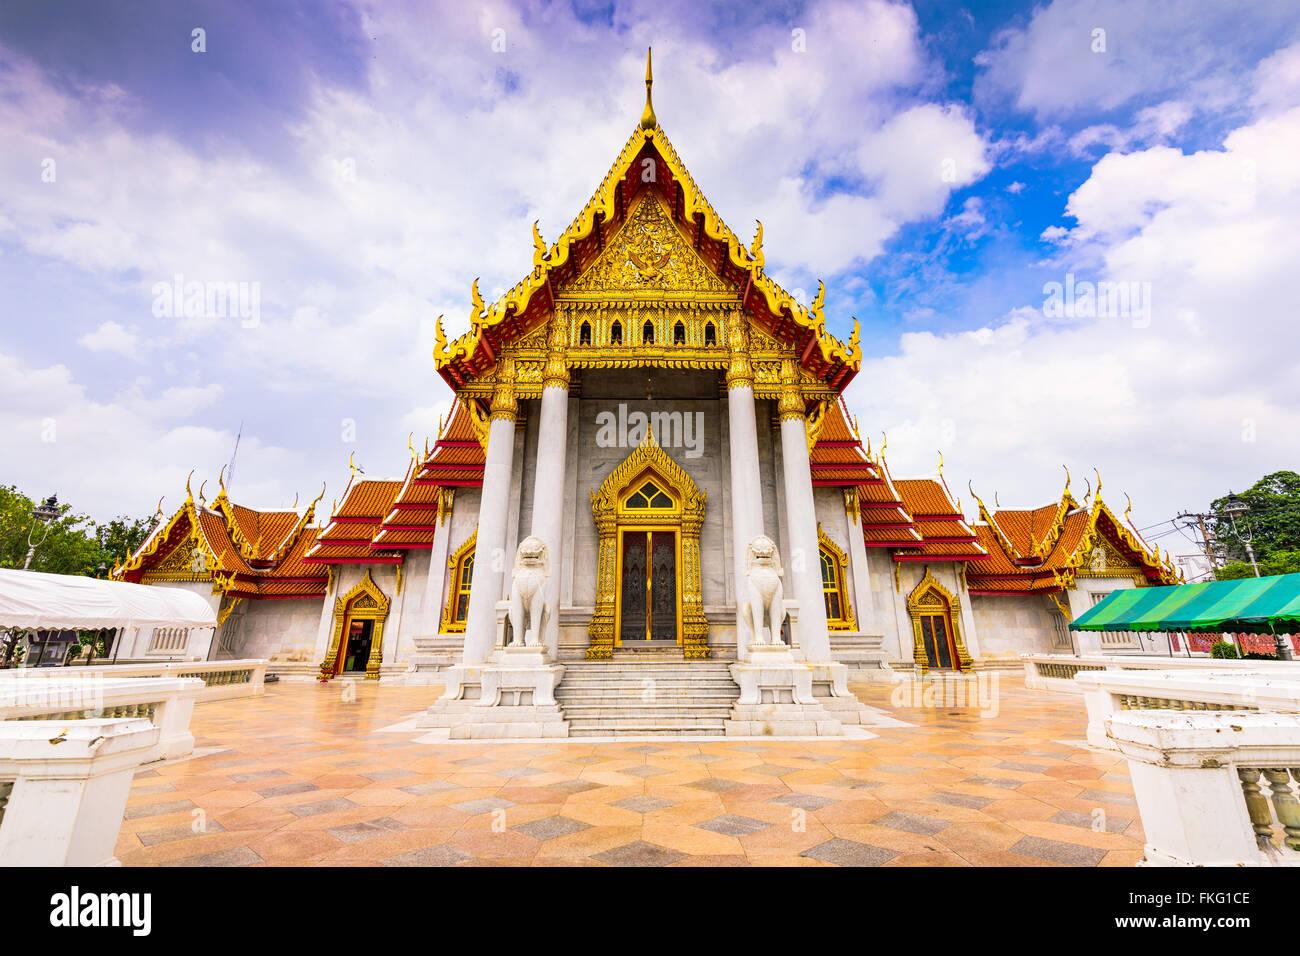 Bangkok, Thailandia presso il tempio in marmo. Immagini Stock